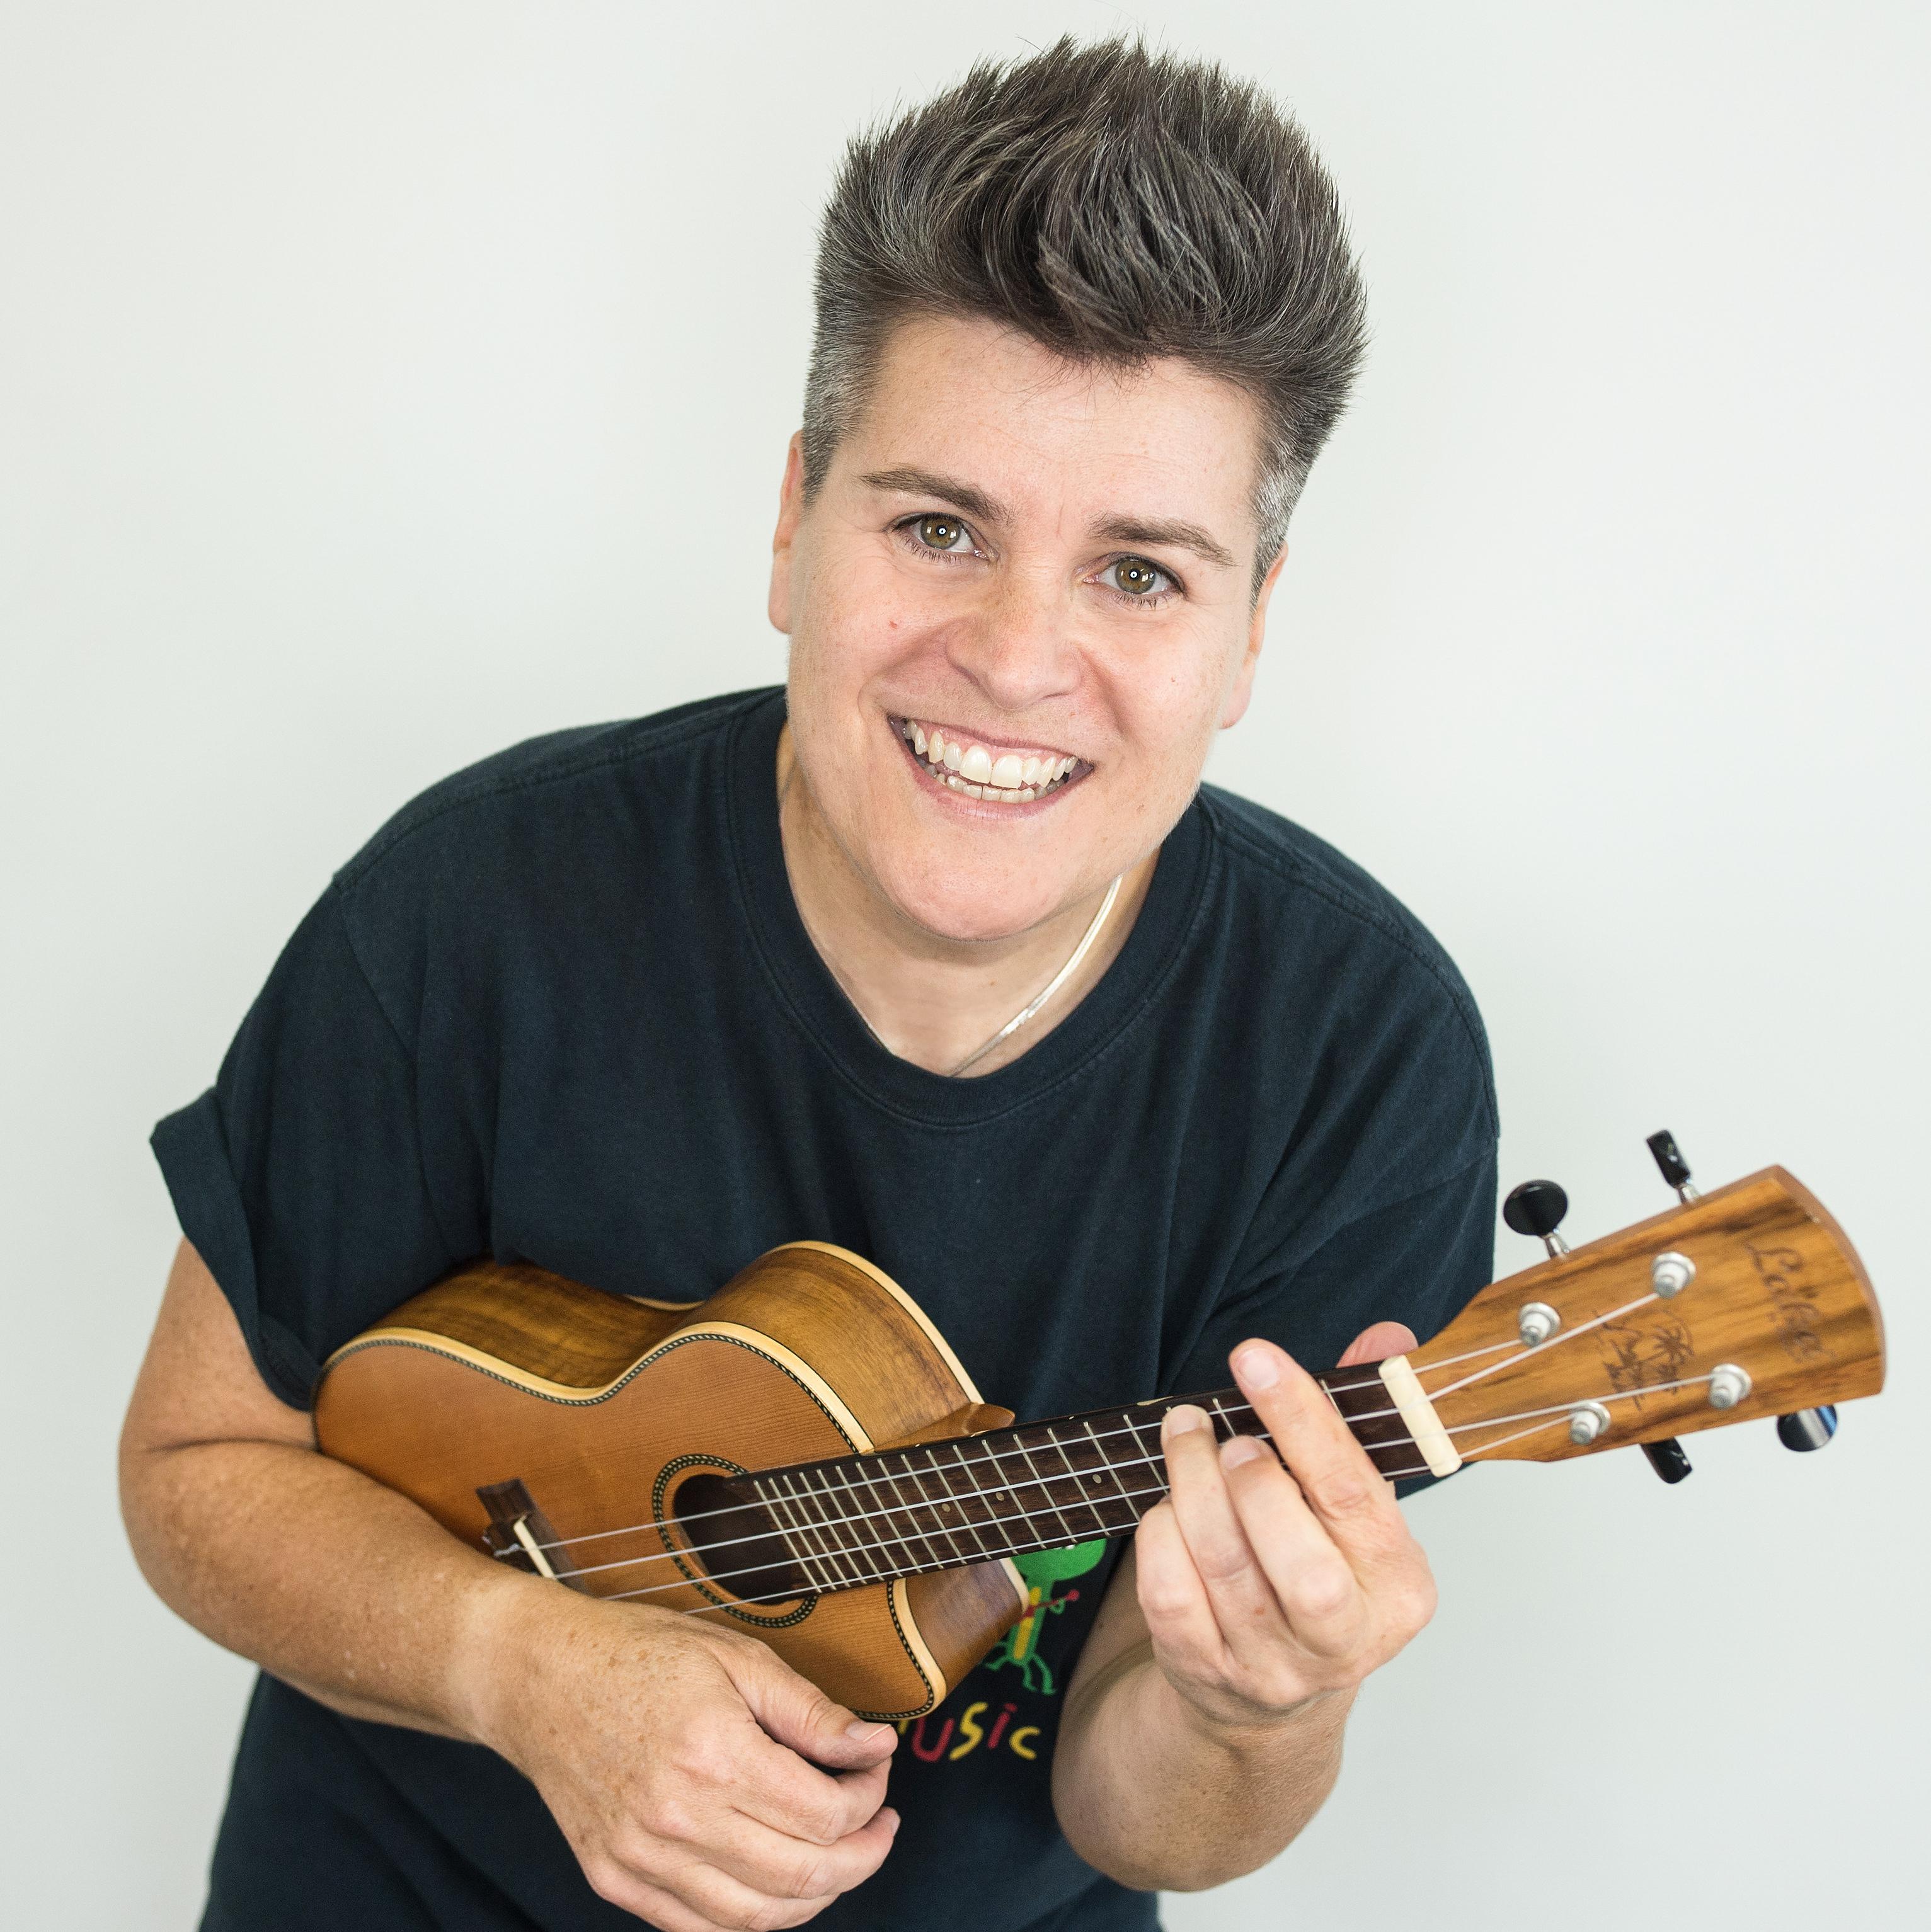 Al Start with ukulele